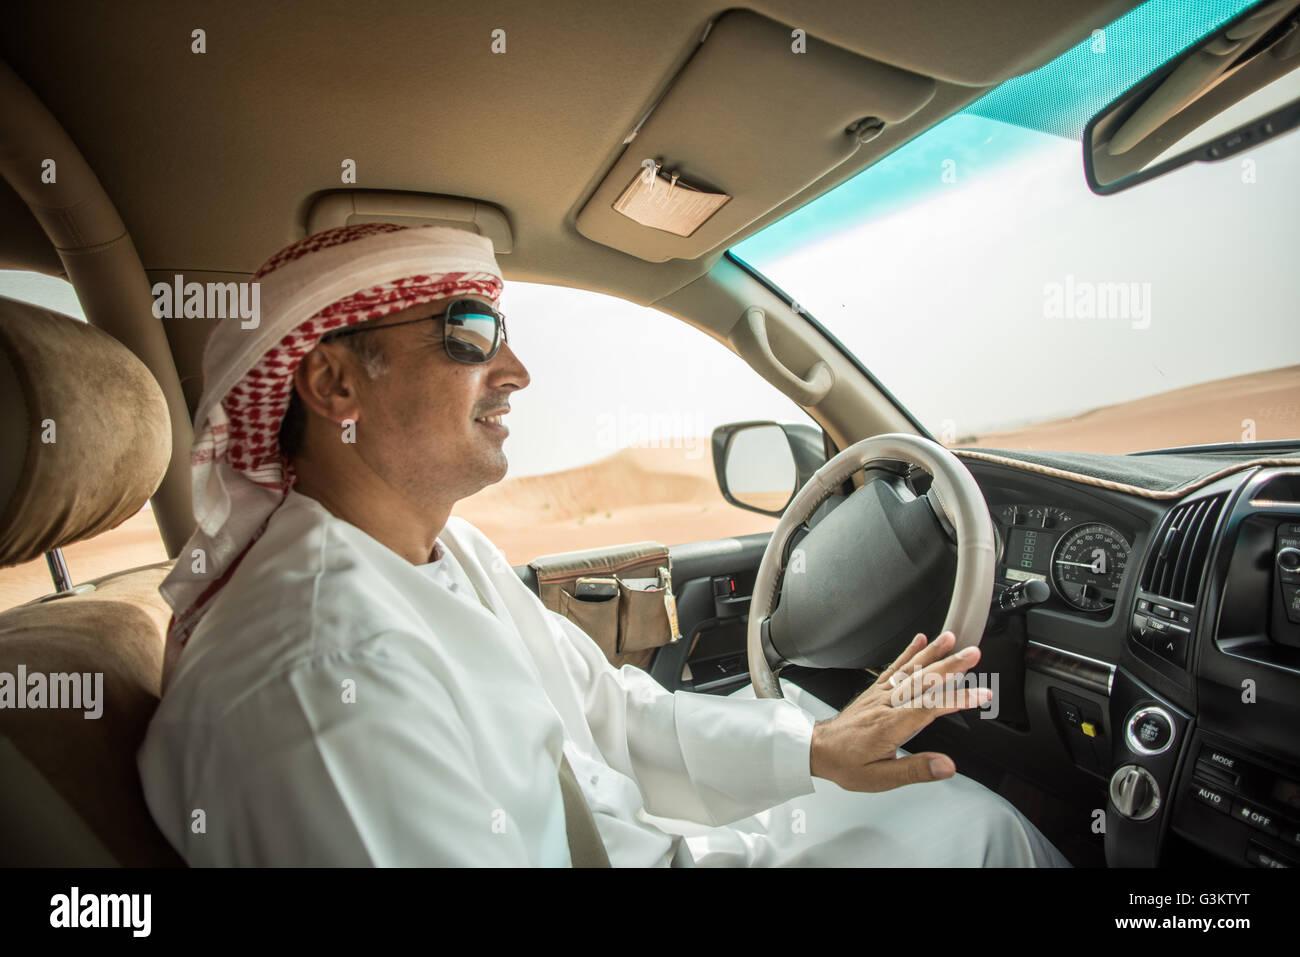 Hombre de Oriente Medio que vestía ropa tradicional de conducción de vehículos todoterreno en el Imagen De Stock